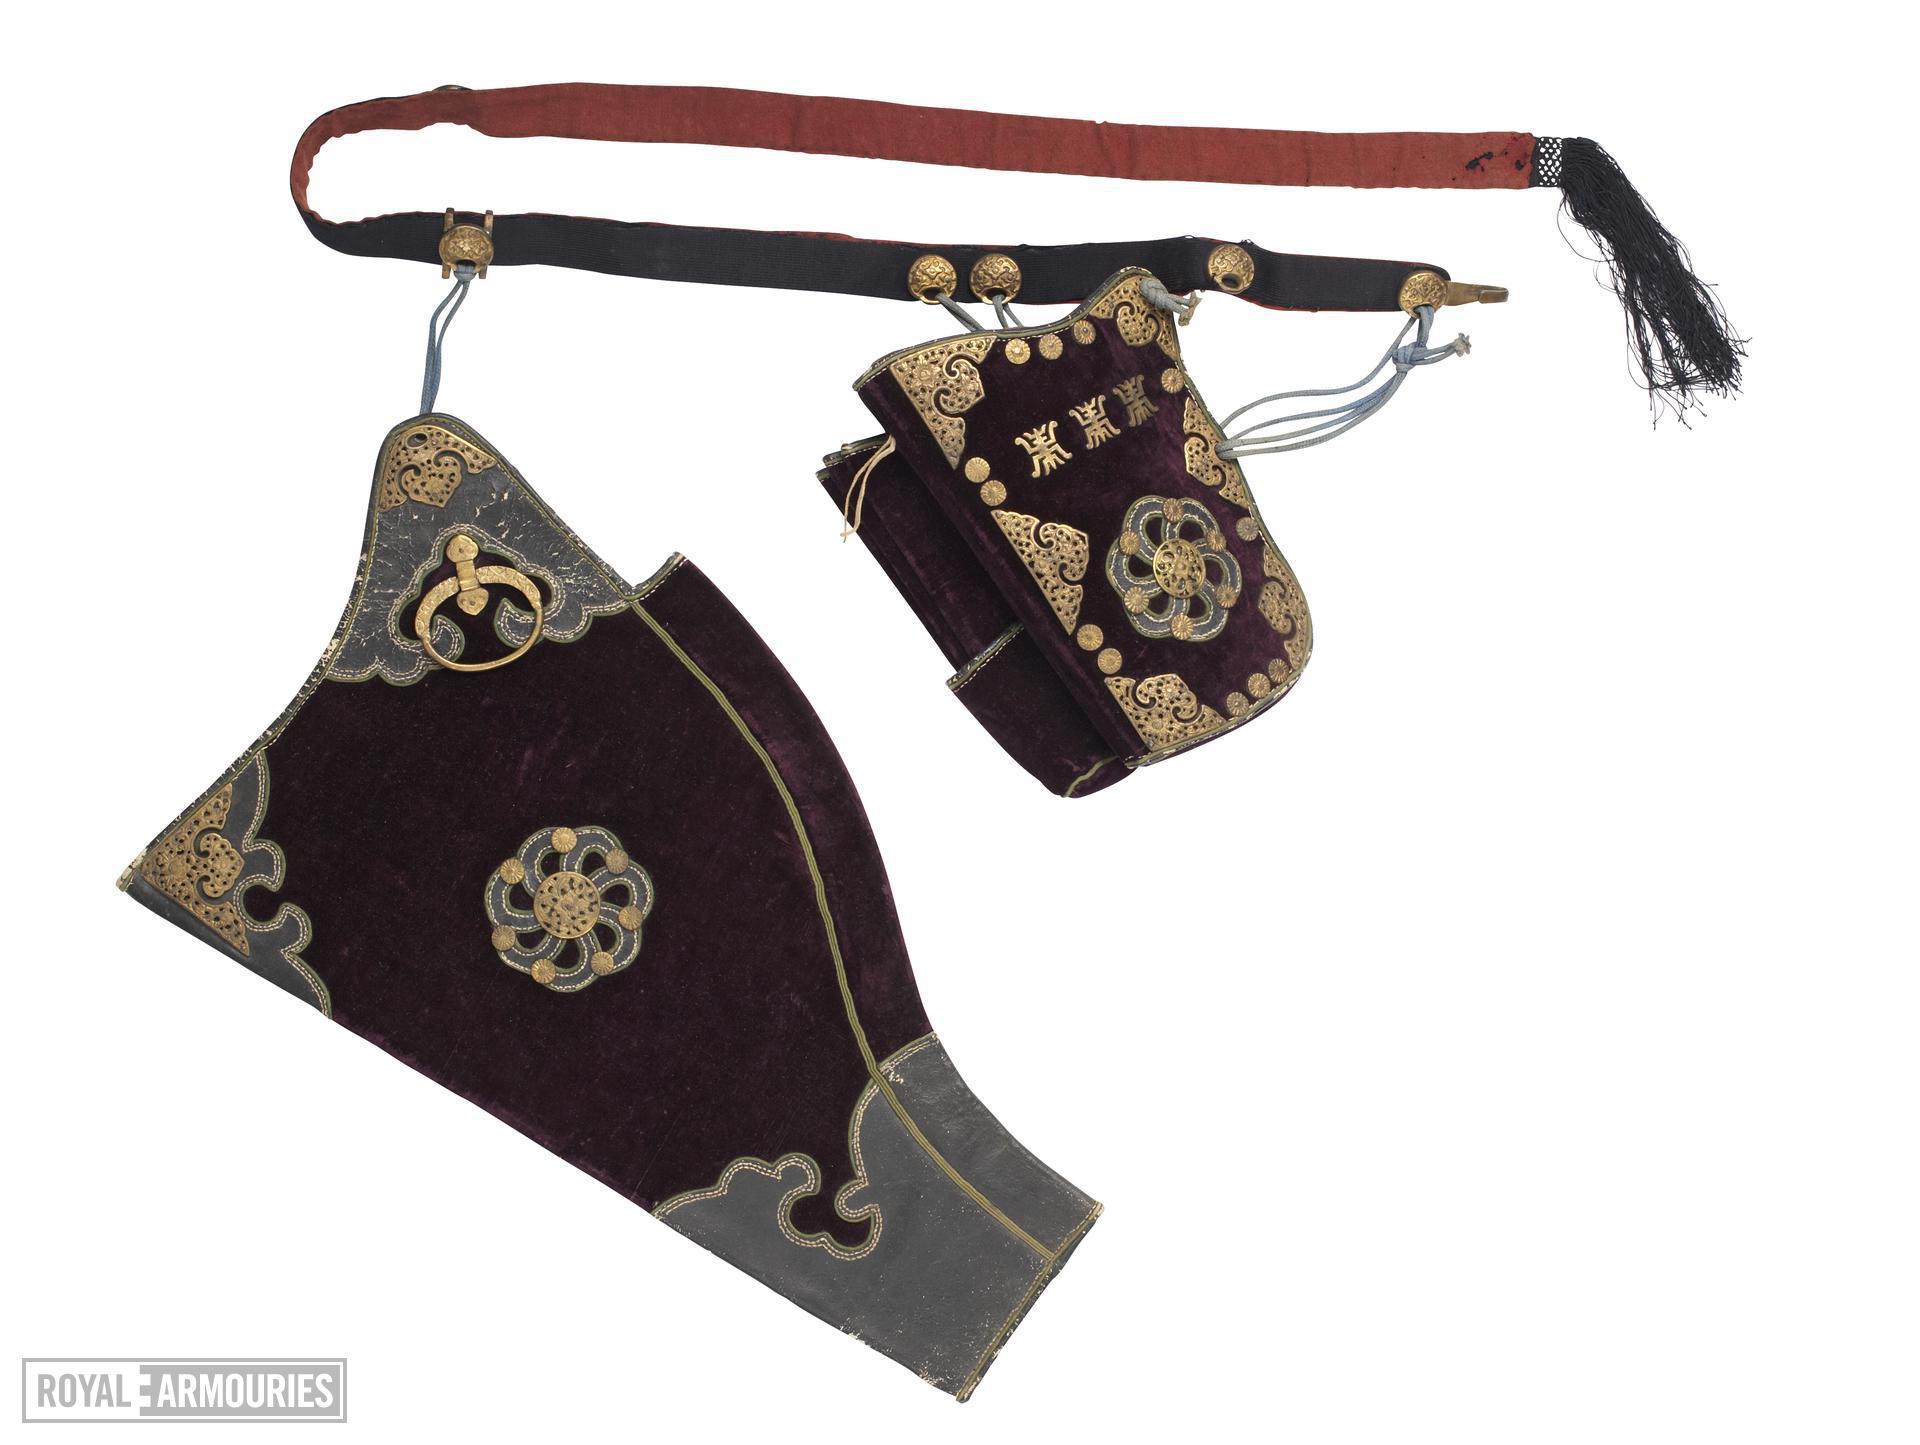 Bowcase and quiver (gongdai and jiantong)